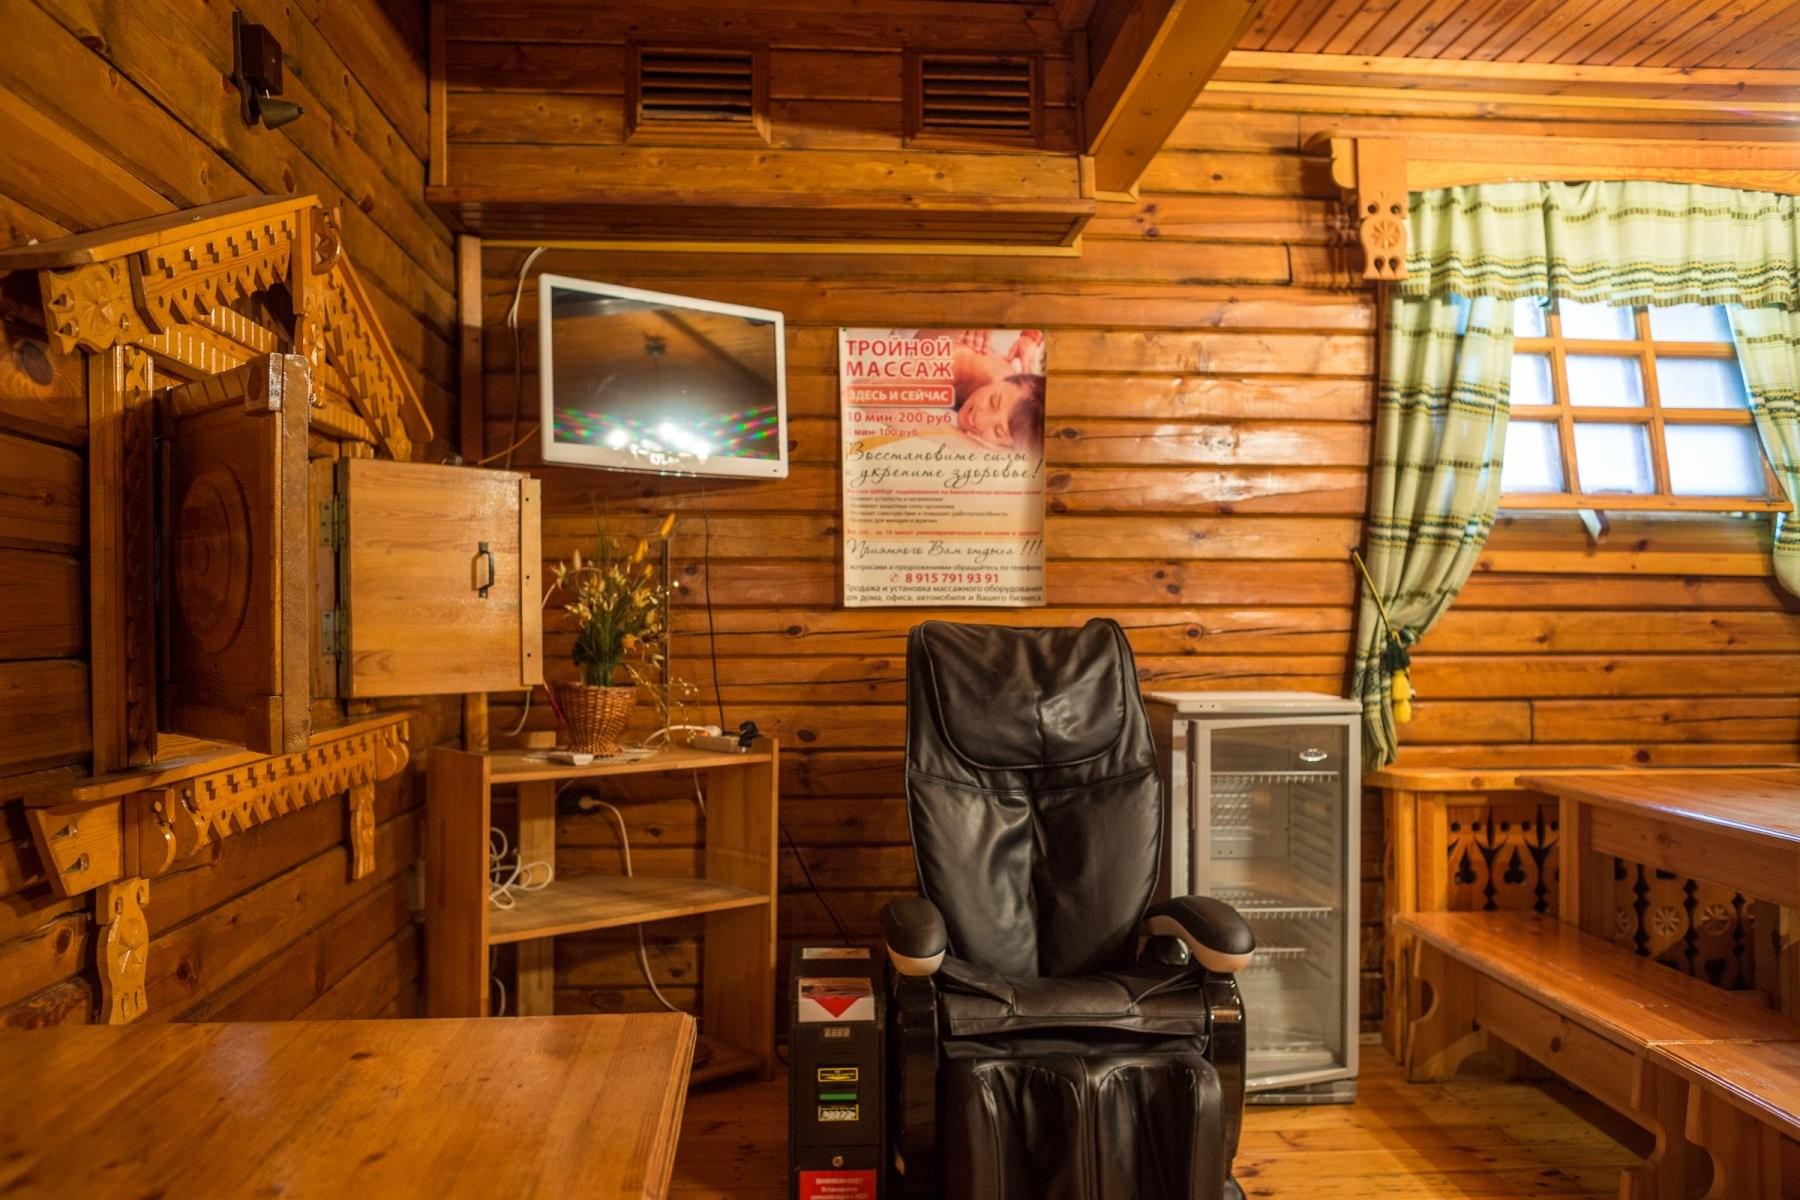 Русская деревня, банный комплекс - №41